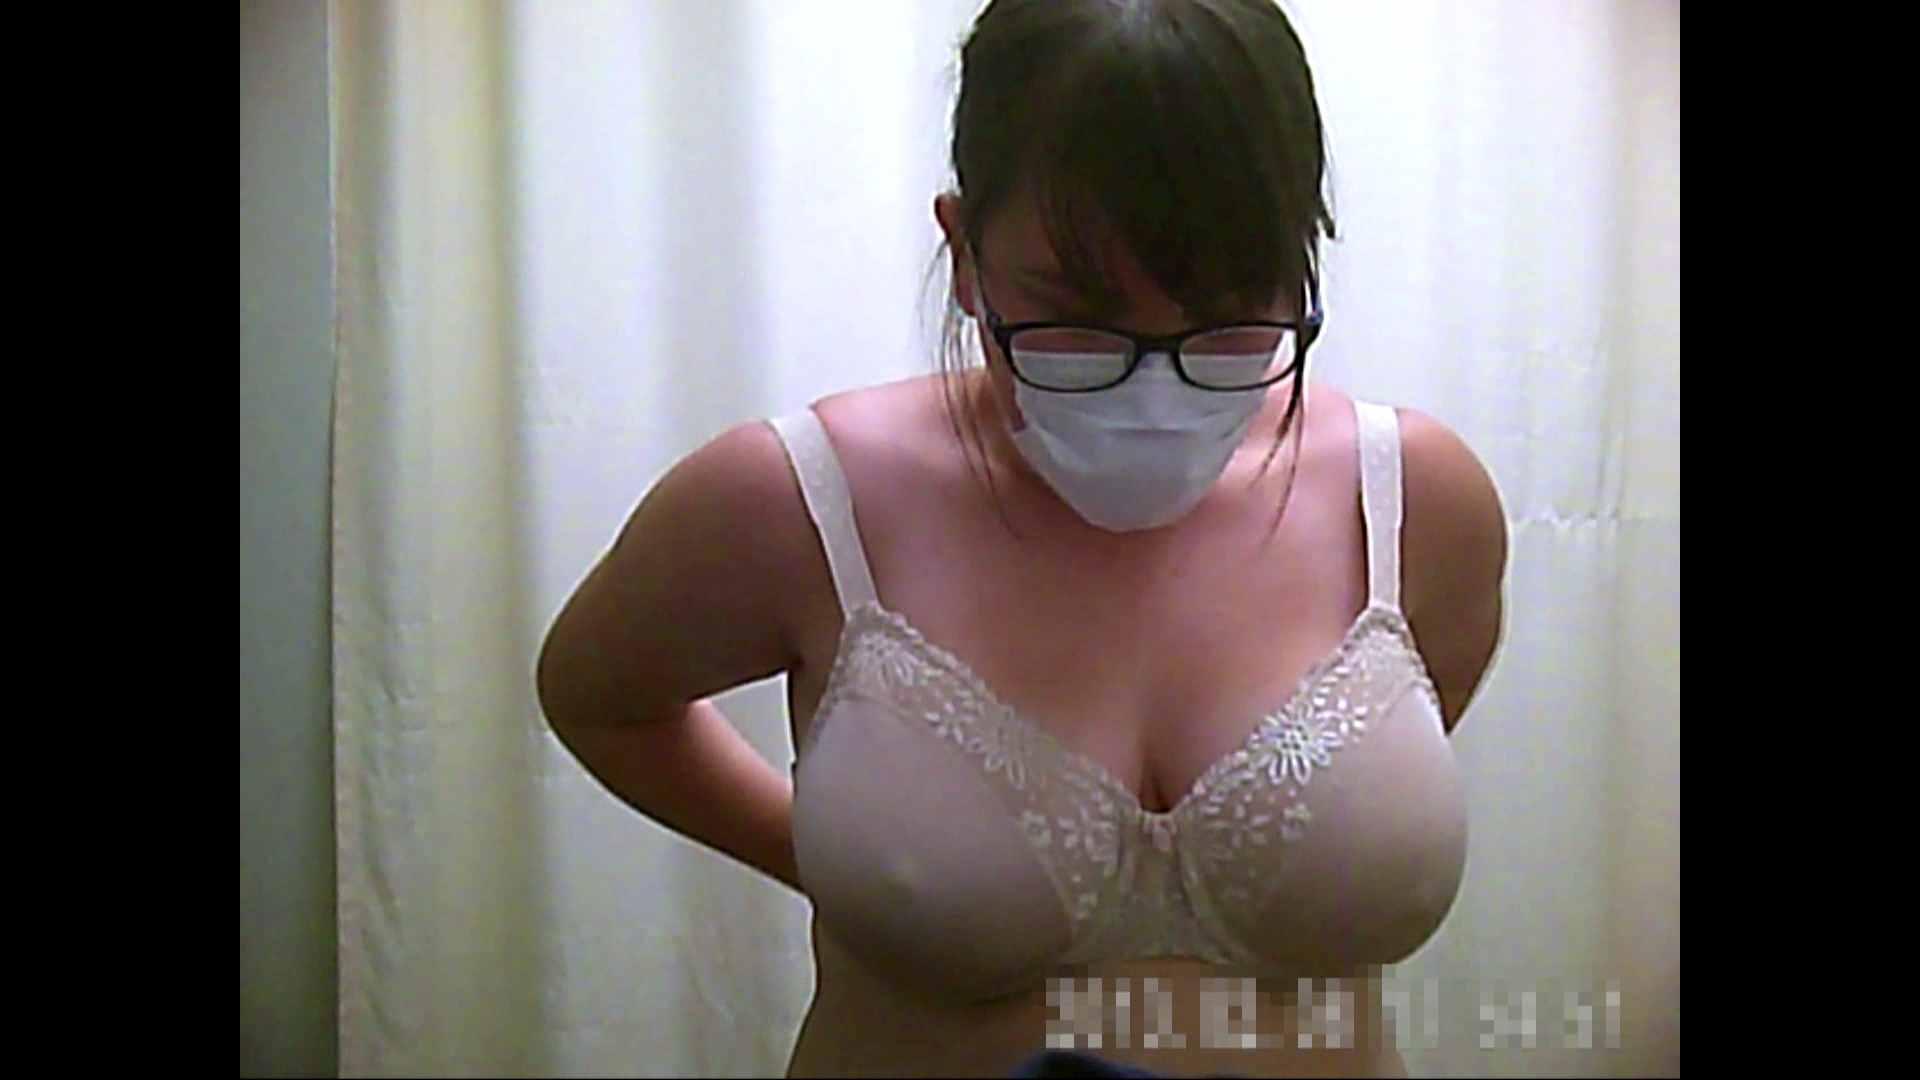 元医者による反抗 更衣室地獄絵巻 vol.148 エッチすぎるOL達  101連発 26